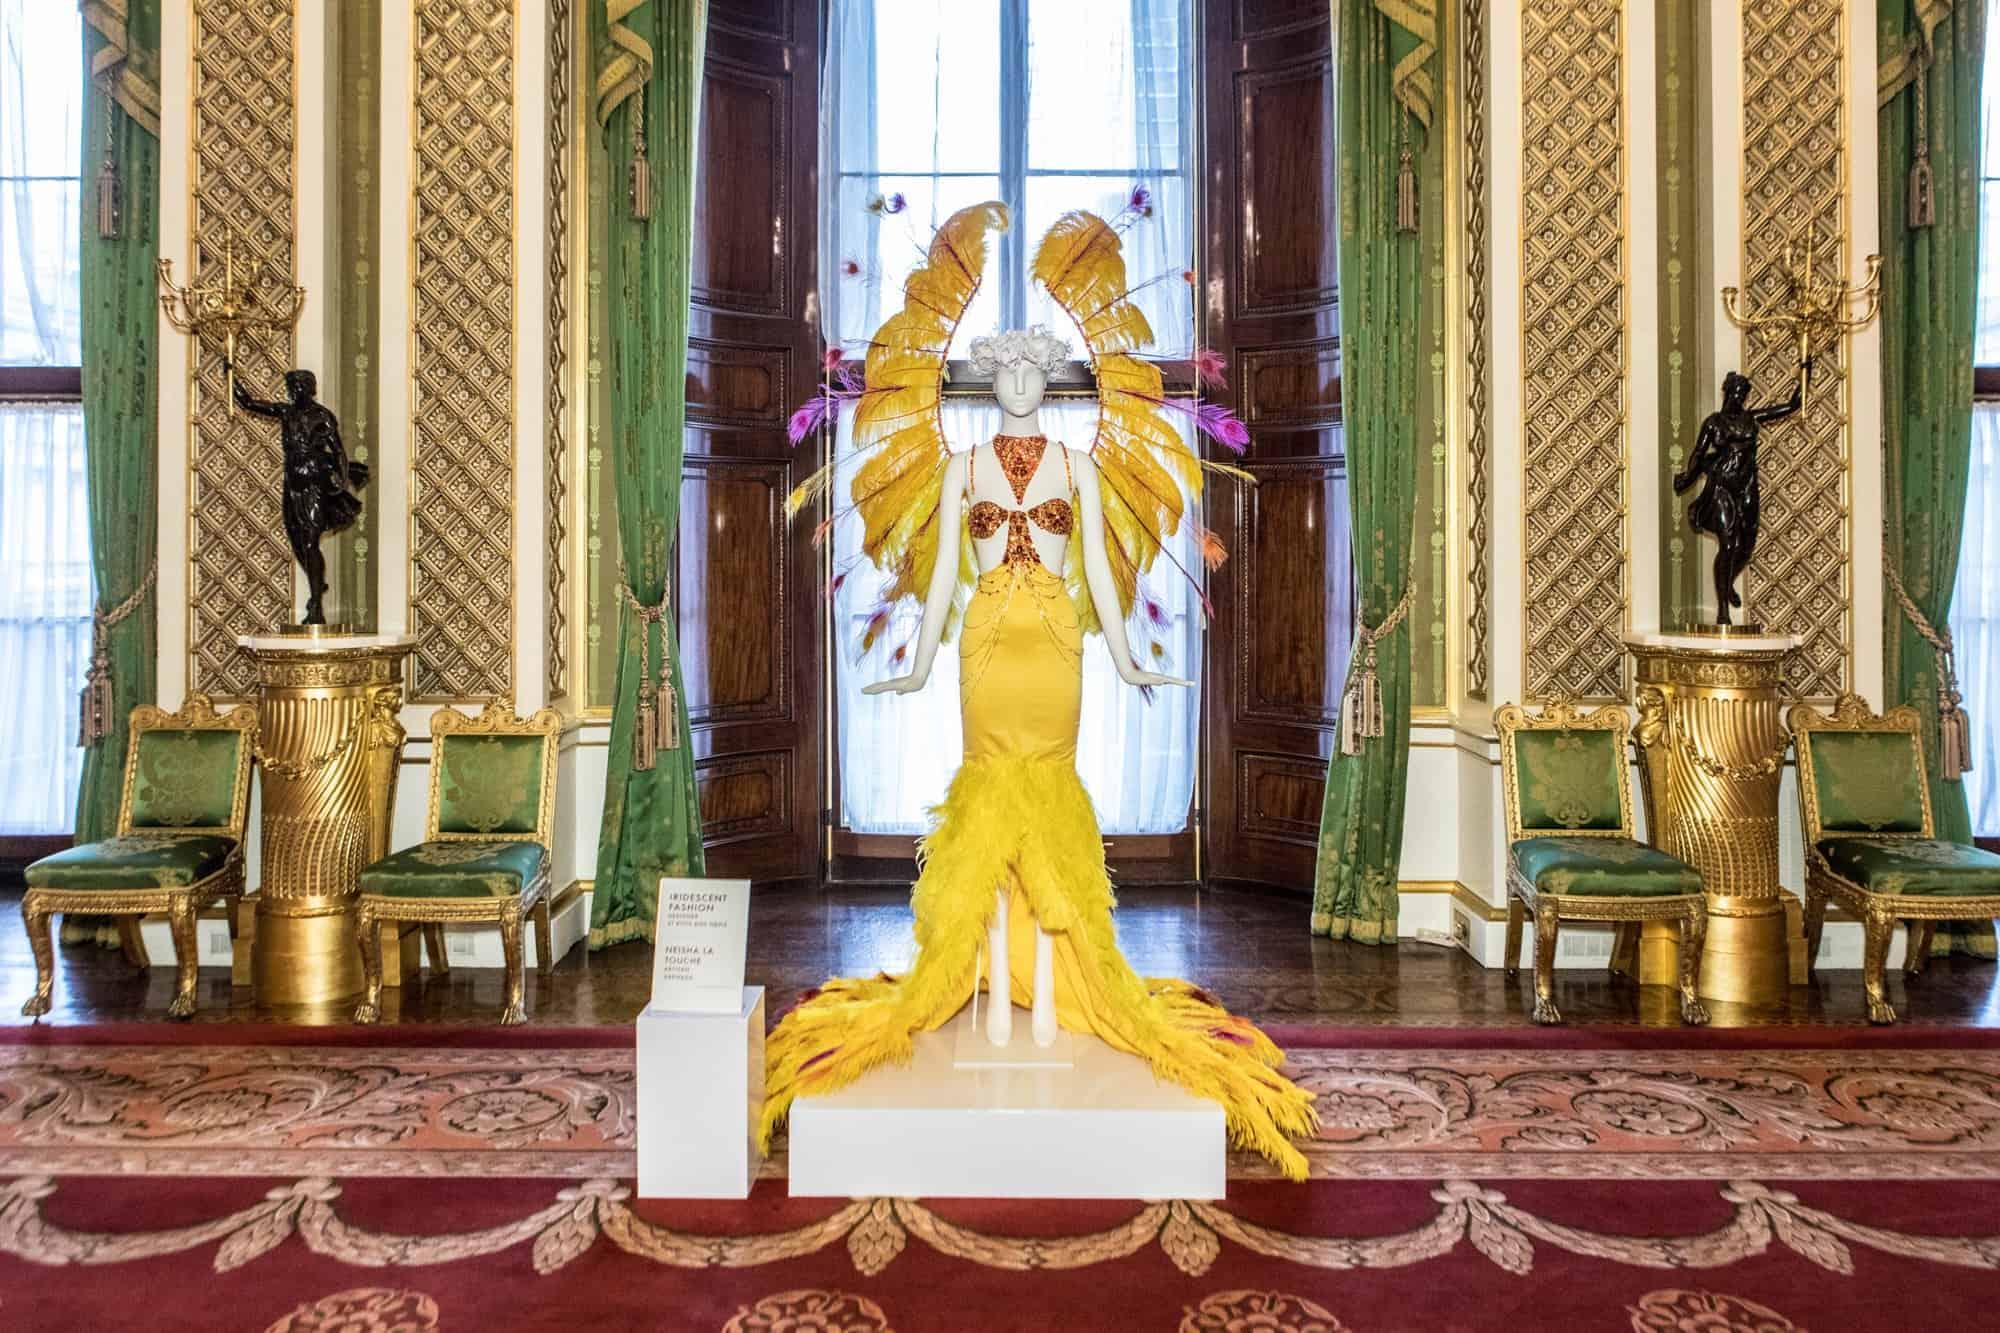 Commonwealth Fashion Exchange exhibition features Bonaveri's BNatural biodegradable mannequins